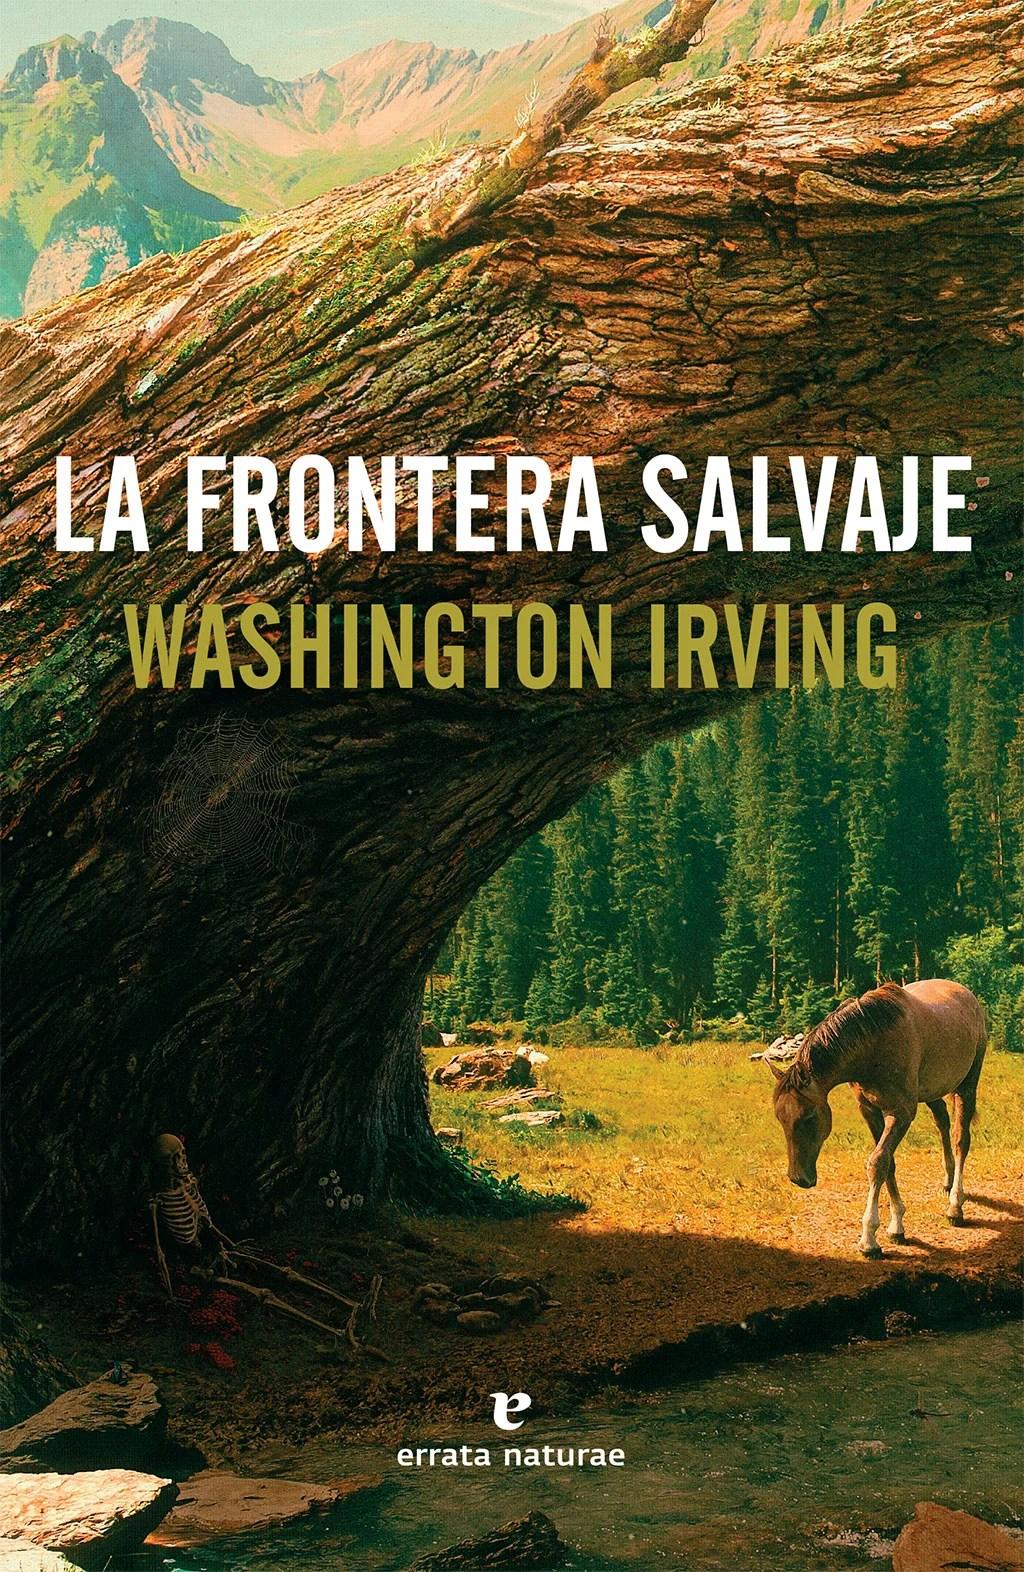 libros-sobre-naturaleza-la-frontera-salvaje